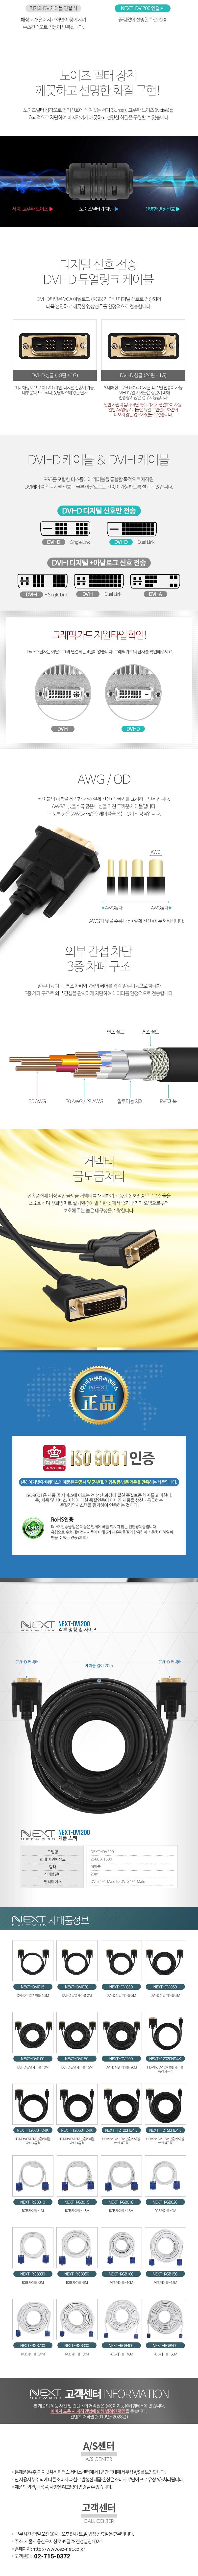 이지넷유비쿼터스  DVI-D 듀얼 최고급형 케이블 (NEXT-DVI)(20m)